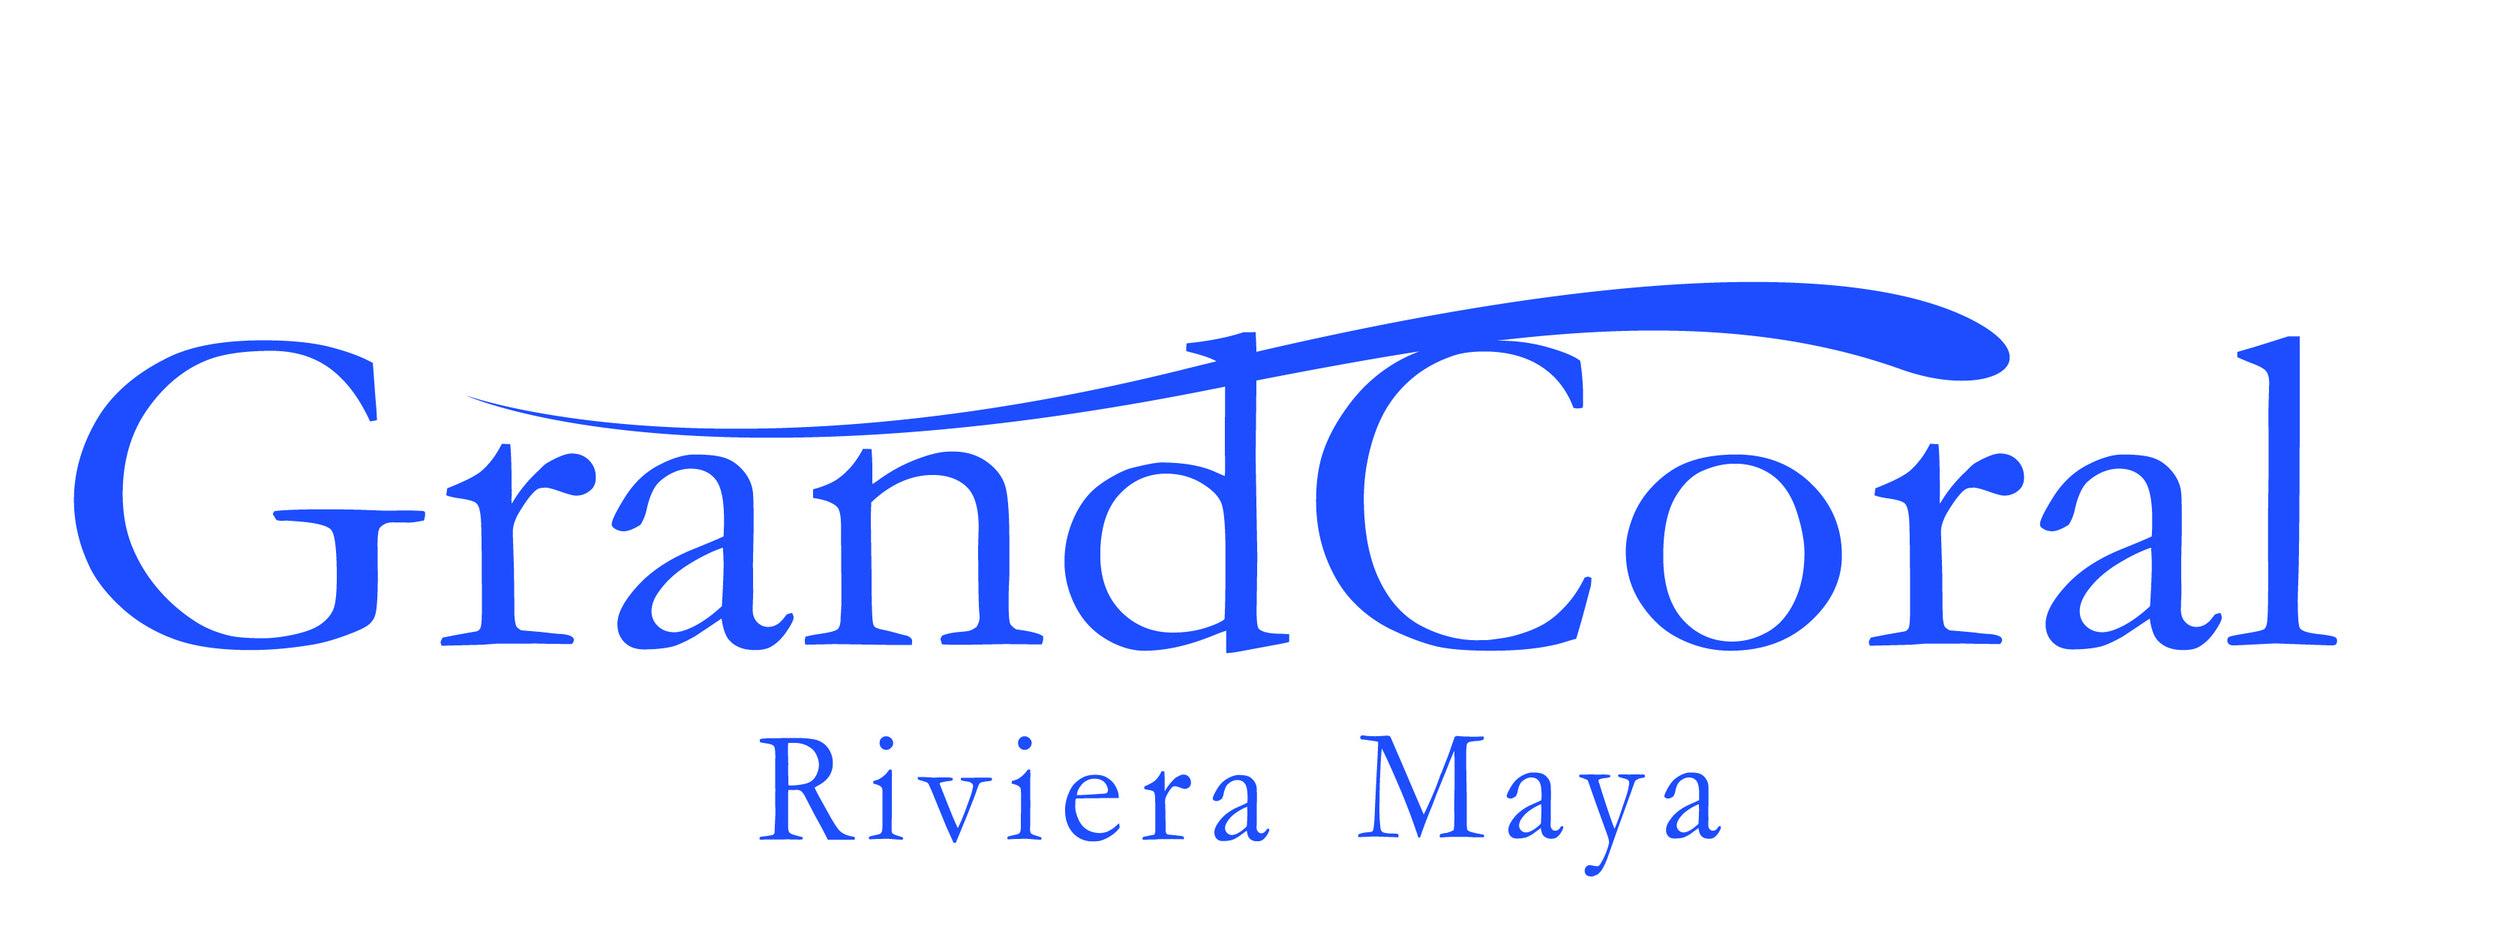 Grand Coral Riviera Maya.jpg